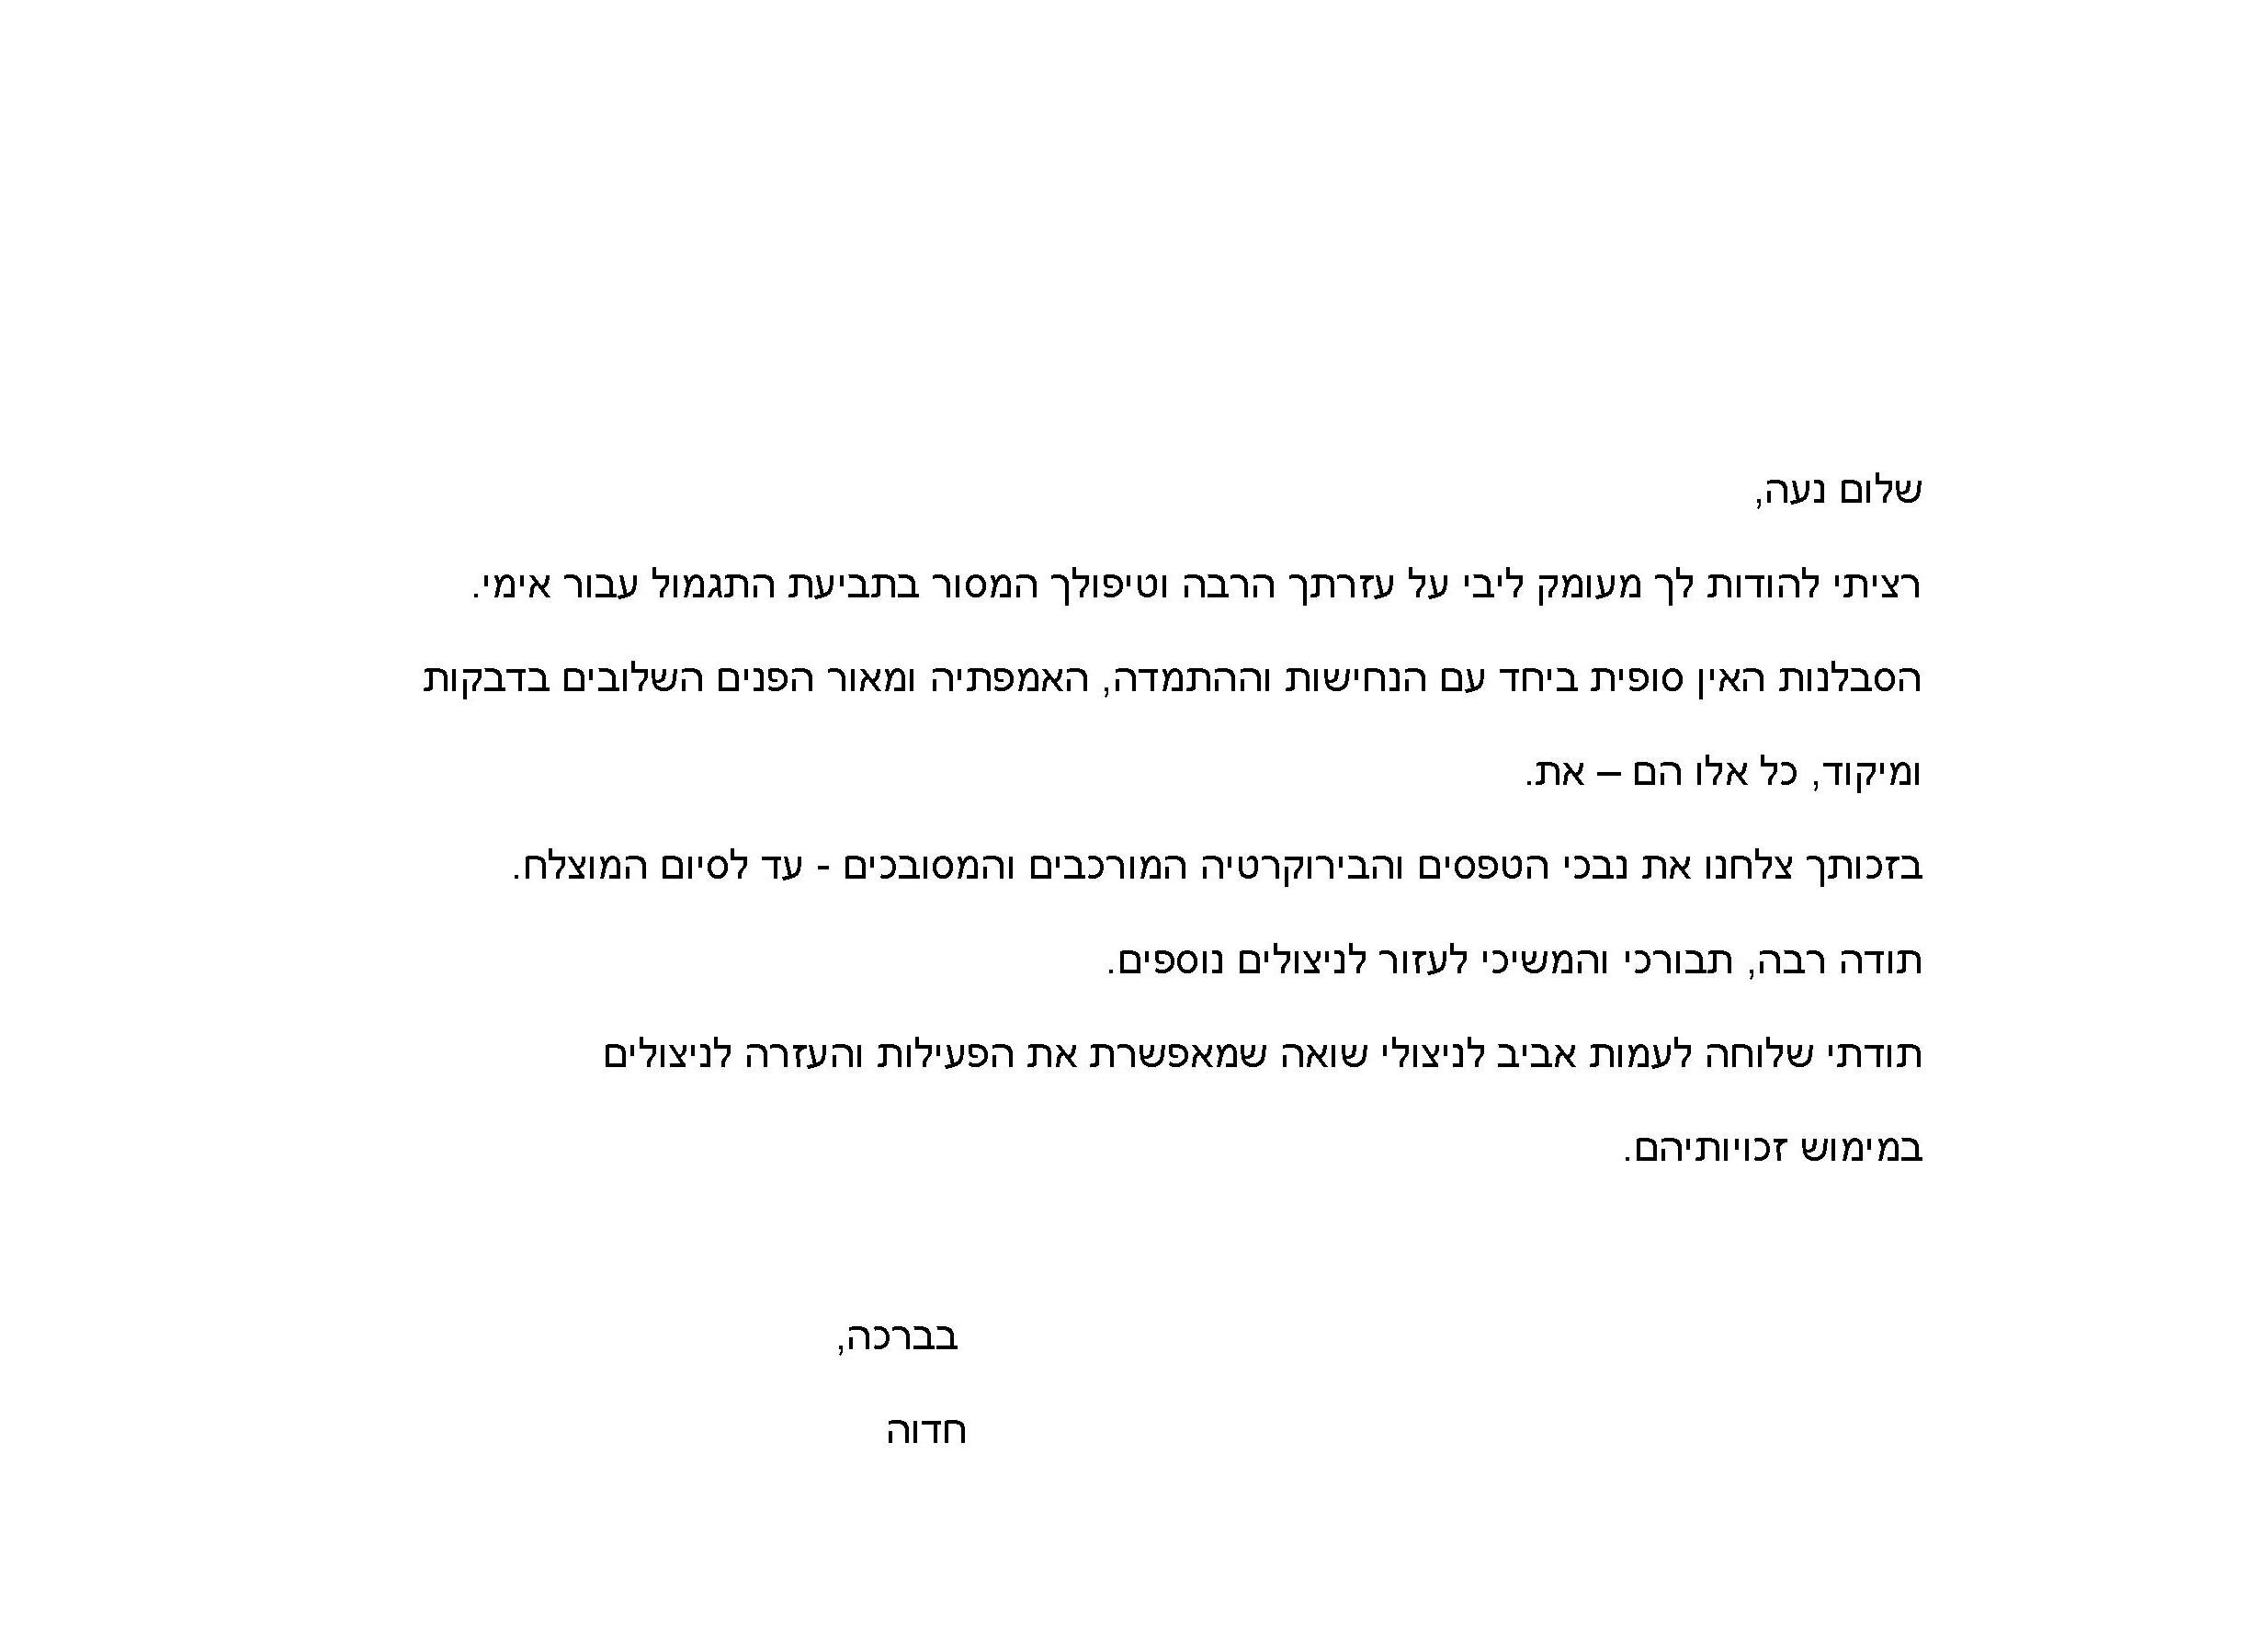 מכתב לנעה שיין (2)